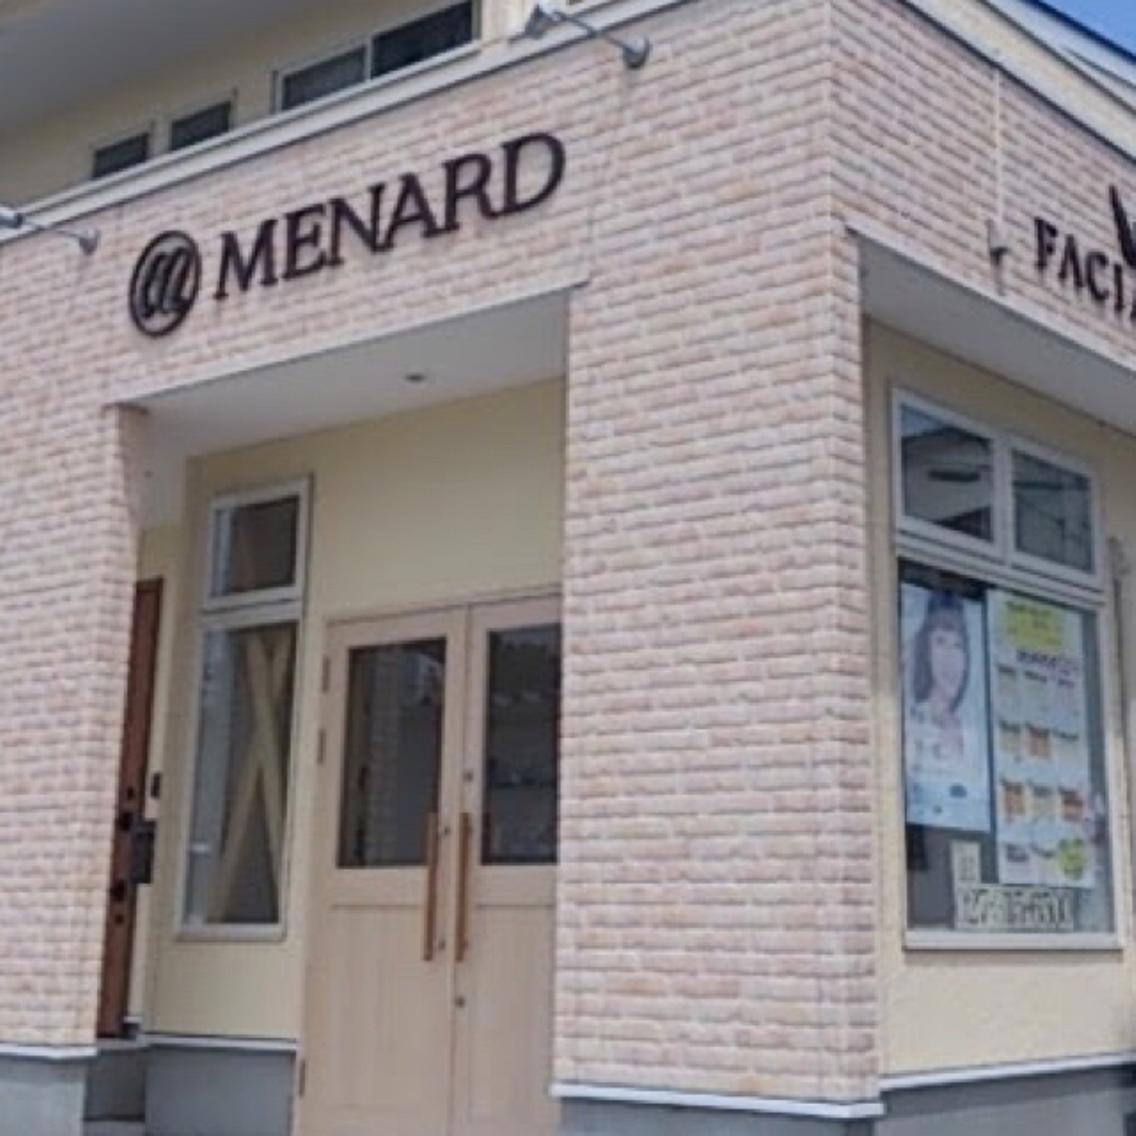 高崎駅から5分 2000円の深キョン、竹内涼真くんでお馴染みメナードのエステ